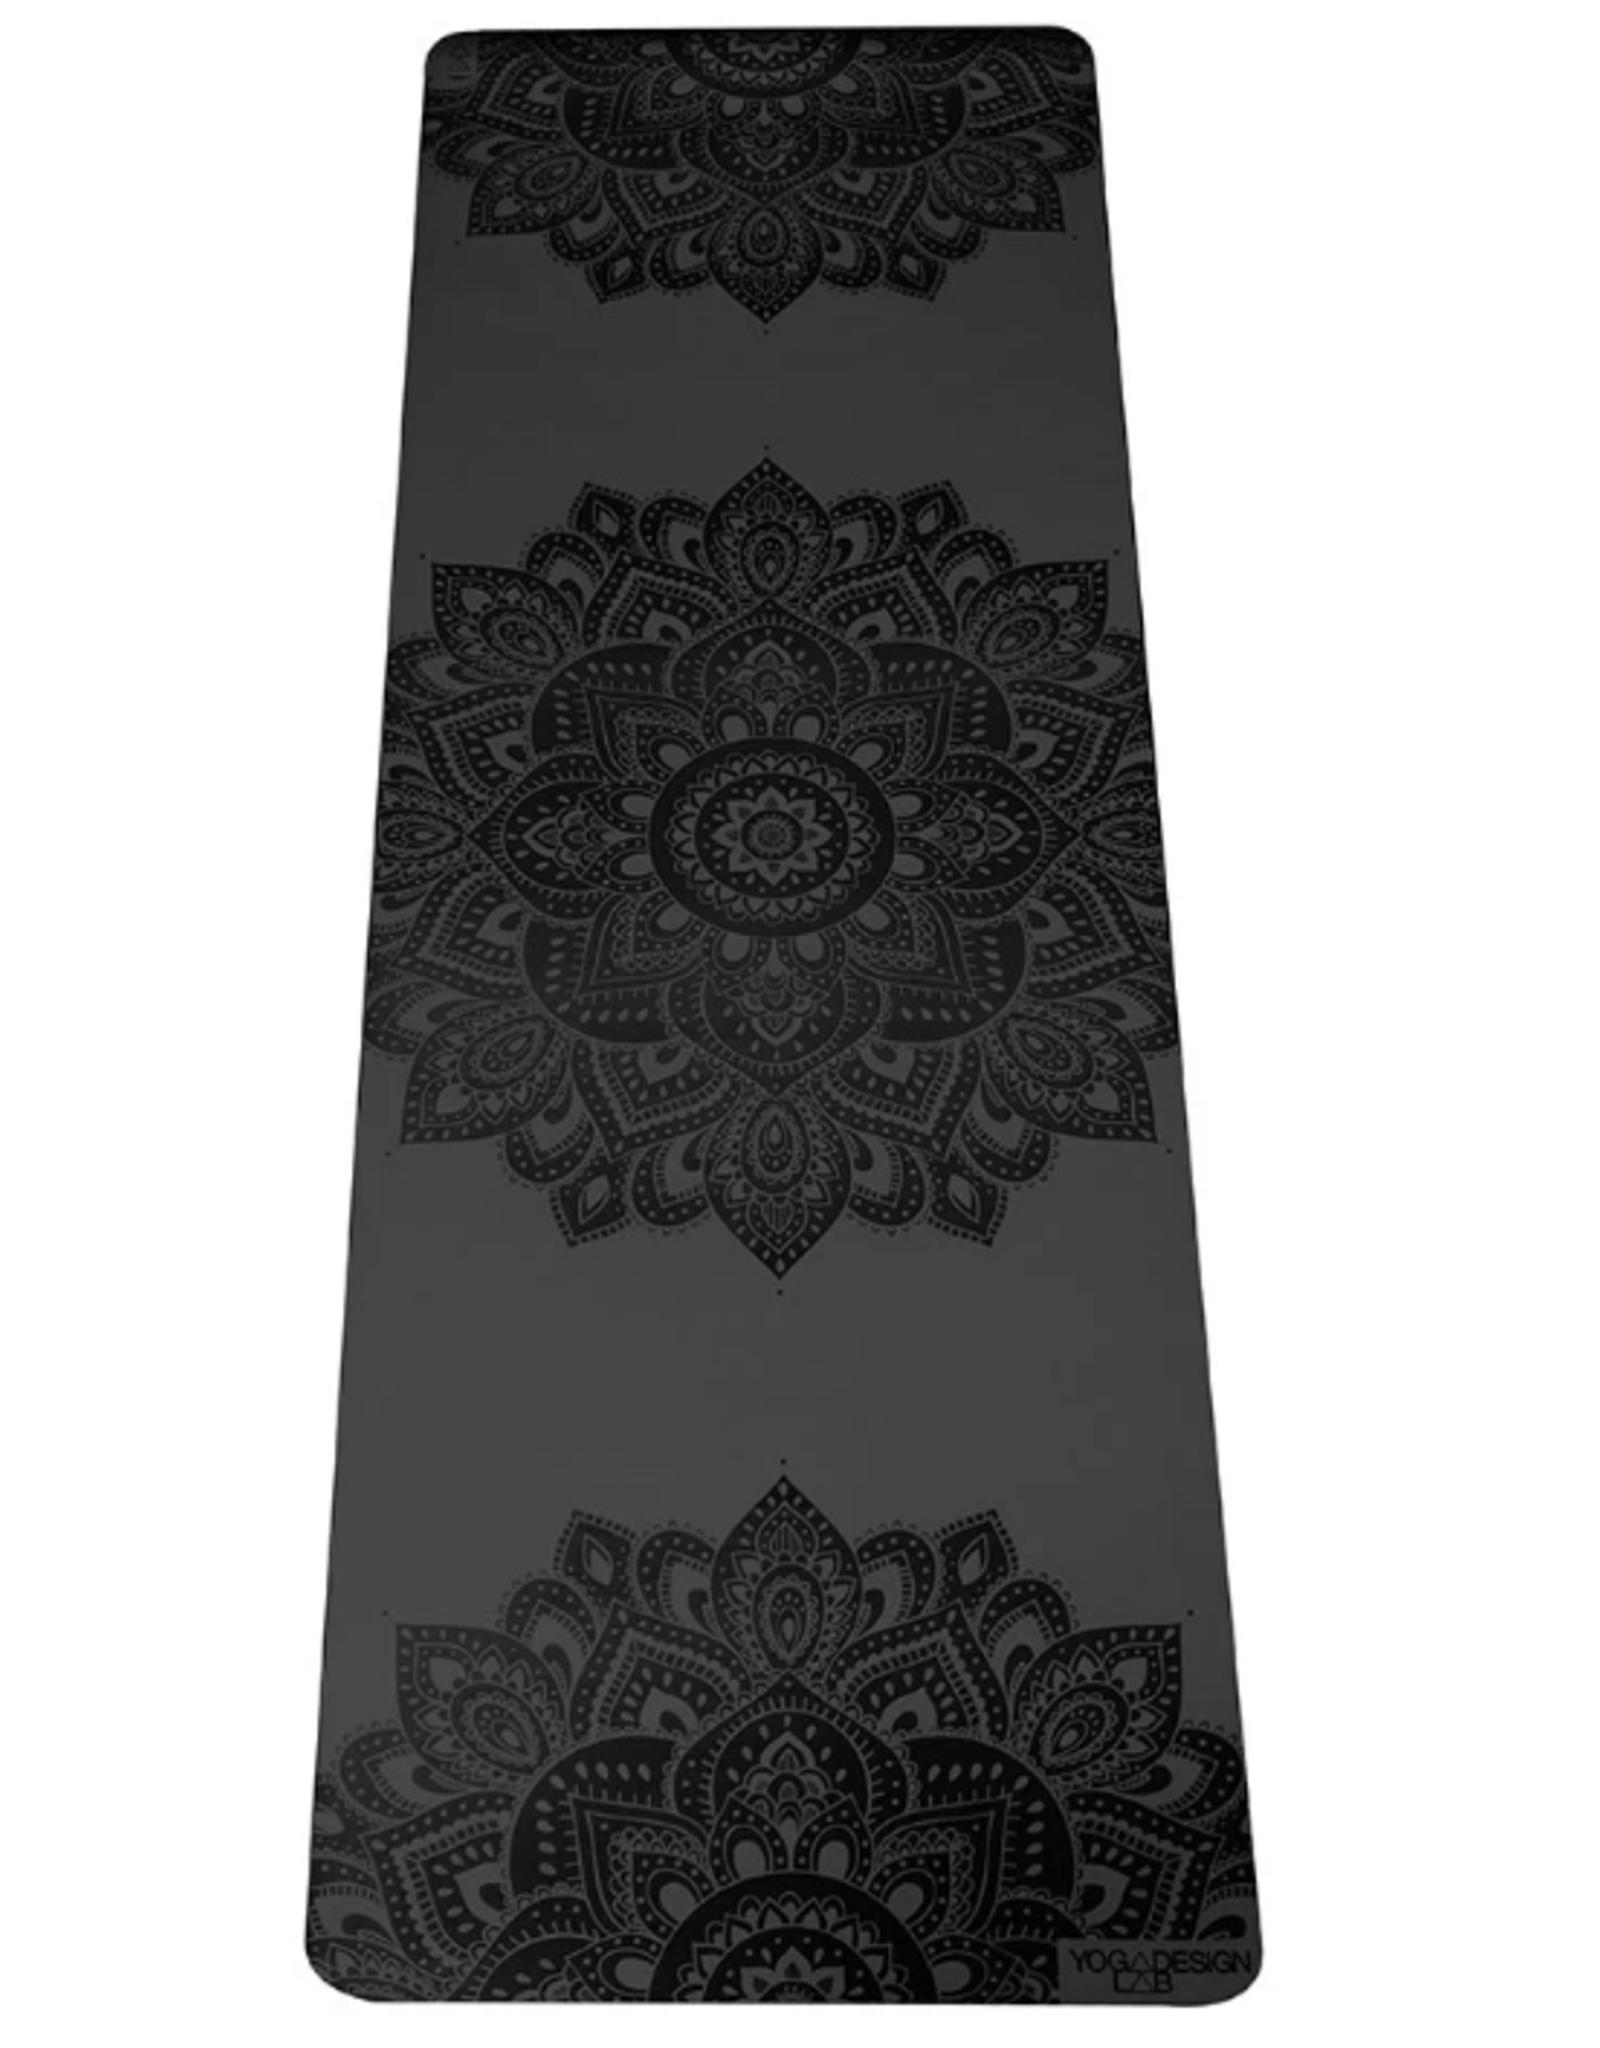 Yoga Design Lab Infinity Mat - 5 mm - Charcoal Mandala